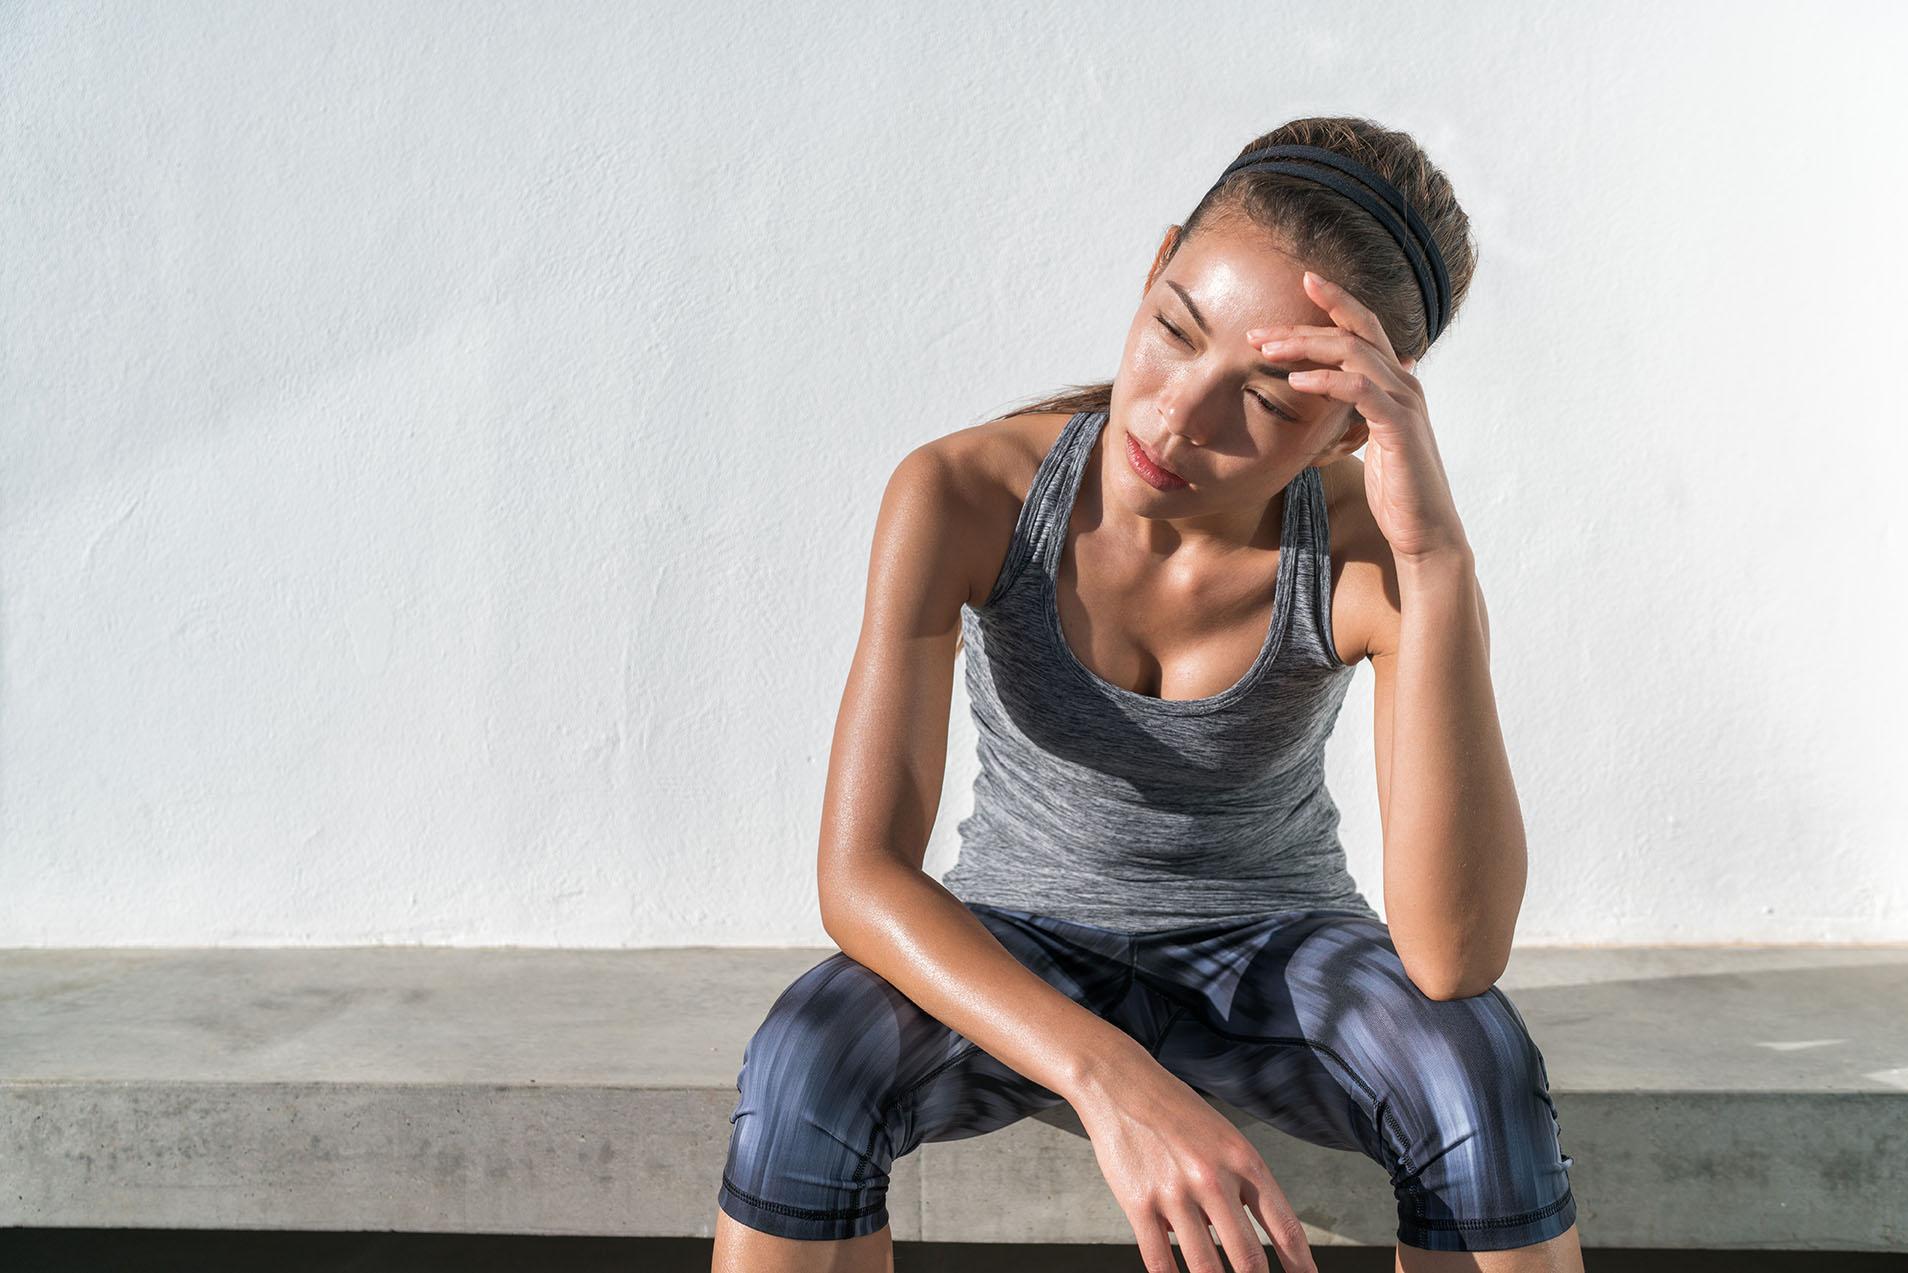 Wie lange machst du Cardio, um Gewicht zu verlieren?